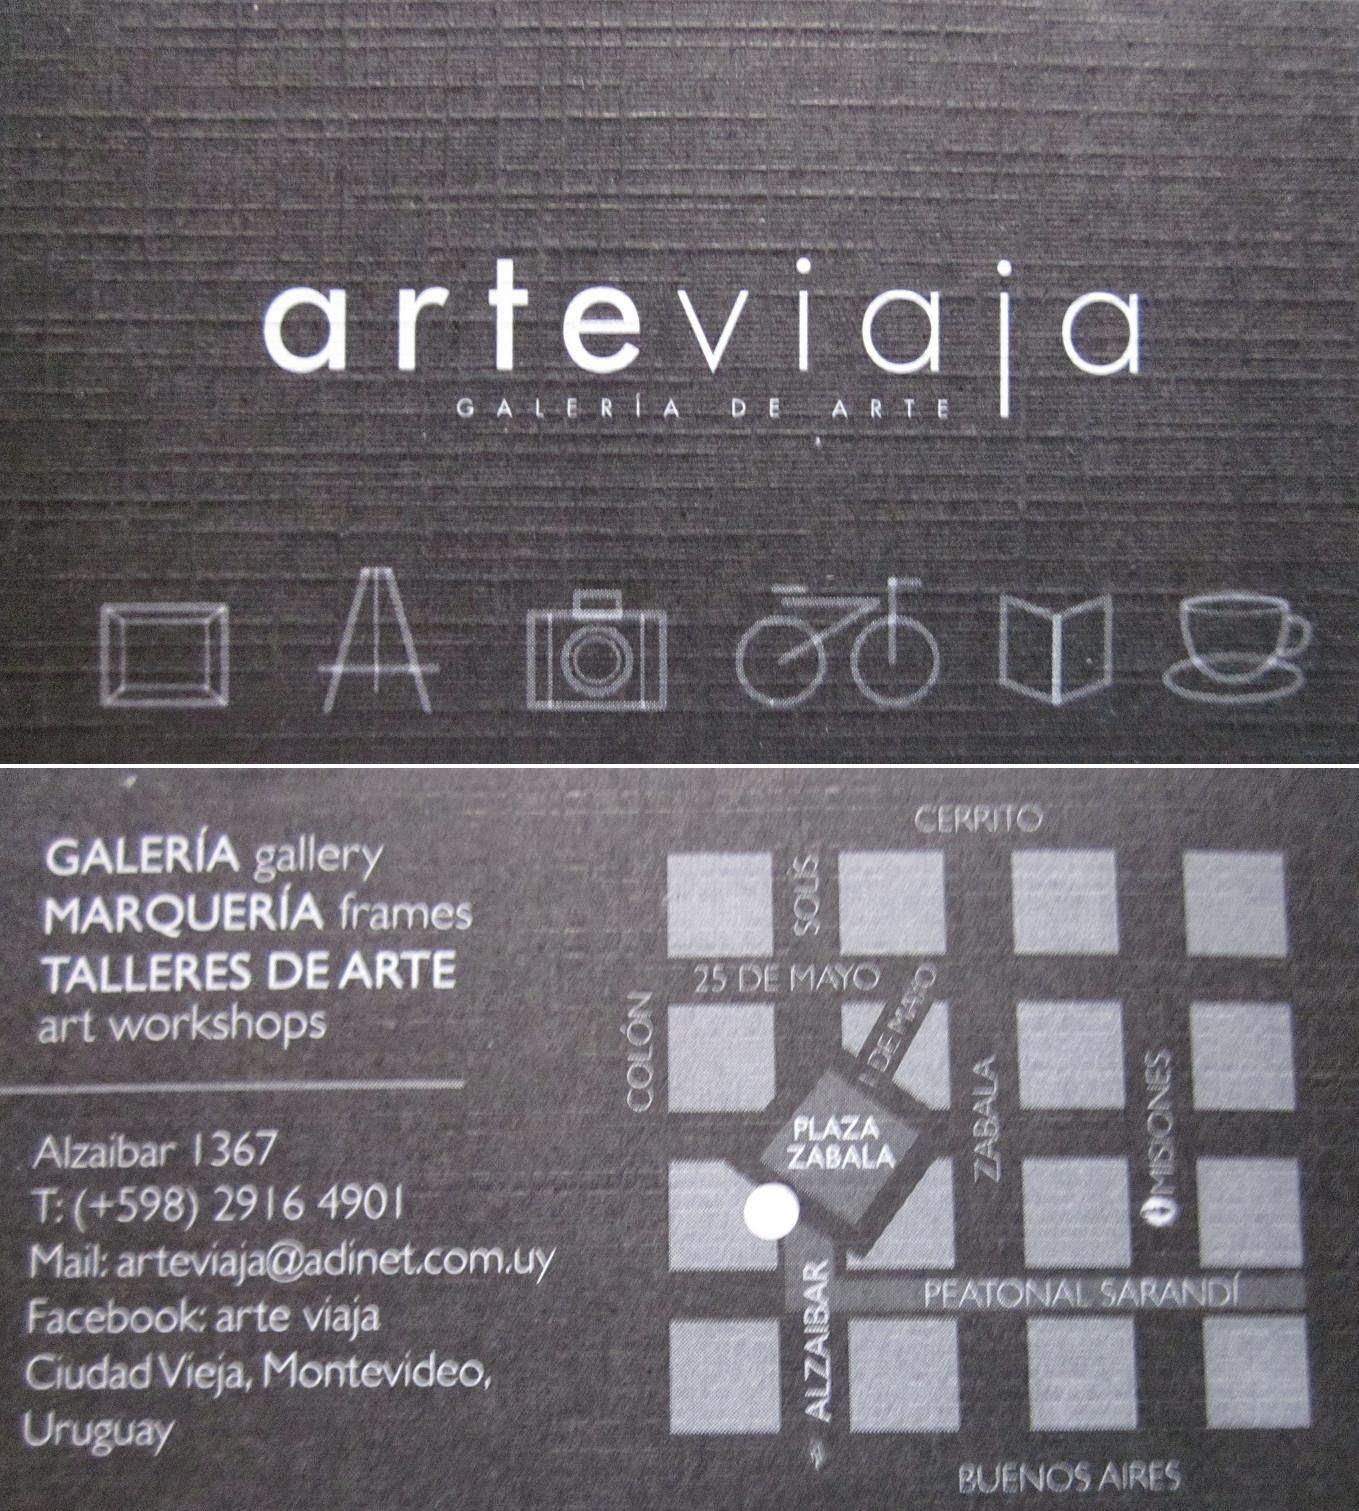 galeria de arte ARTEVIAJA